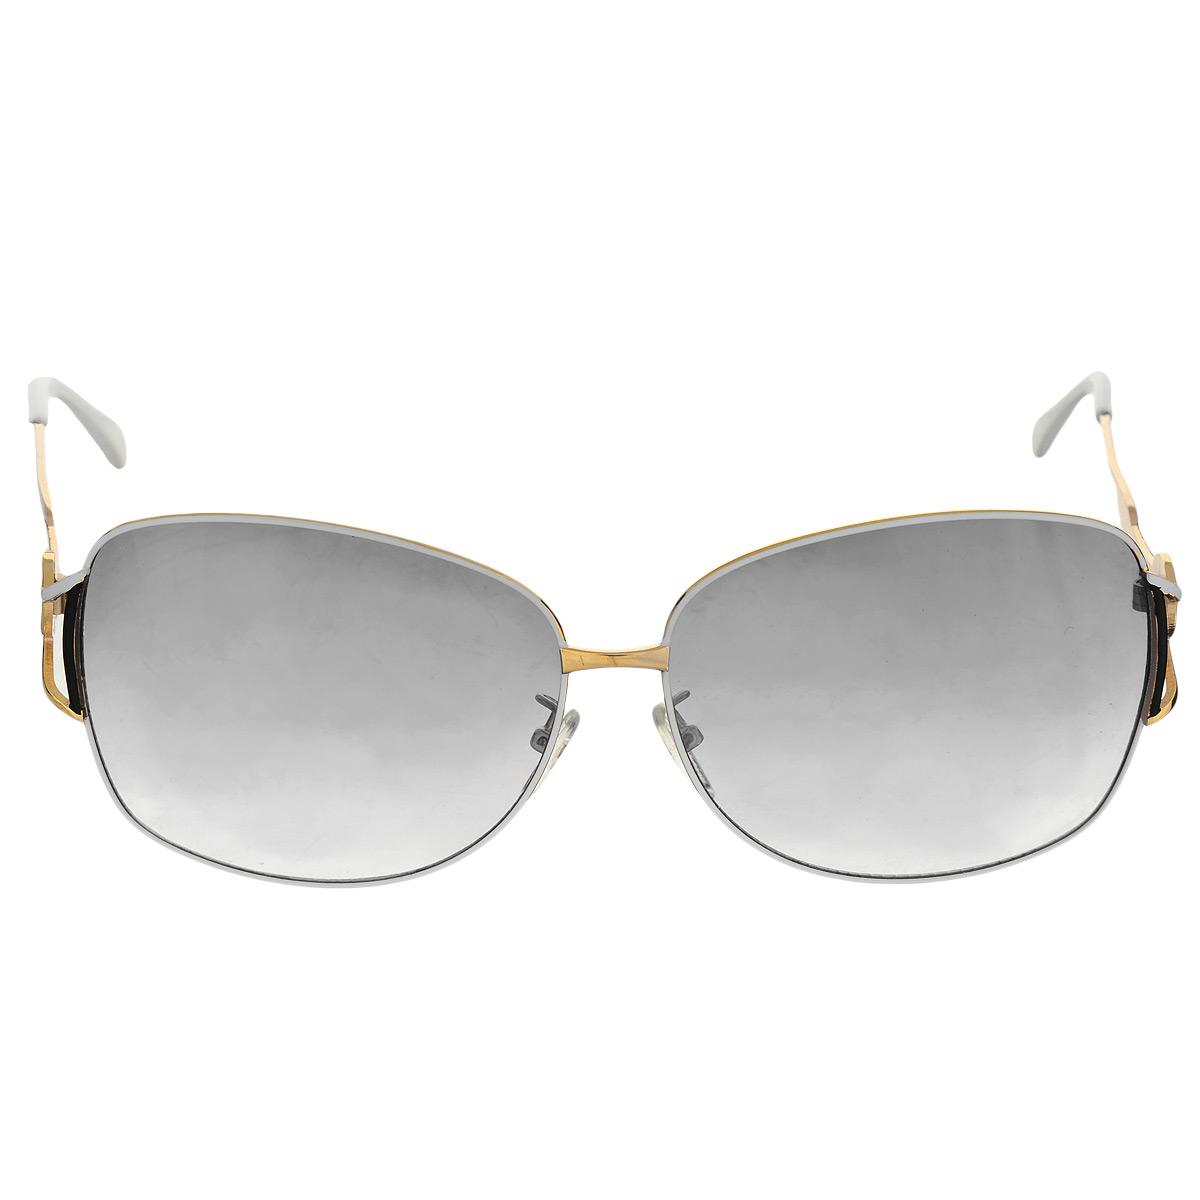 Солнцезащитные очки женские Selena, цвет: золотой, белый, черный. 8002484180024841Солнцезащитные очки Selena, выполненные с линзами из высококачественного пластика PC с зеркальным эффектом fresh mirror, оправа оформлена декоративным узором. Используемый пластик не искажает изображение, не подвержен нагреванию и вредному воздействию солнечных лучей. Линзы данных очков с высокоэффективным UV-фильтром обеспечивают полную защиту от ультрафиолетовых лучей. Металлическая оправа очков легкая, прилегающей формы и поэтому не создает никакого дискомфорта. Такие очки защитят глаза от ультрафиолетовых лучей, подчеркнут вашу индивидуальность и сделают ваш образ завершенным.